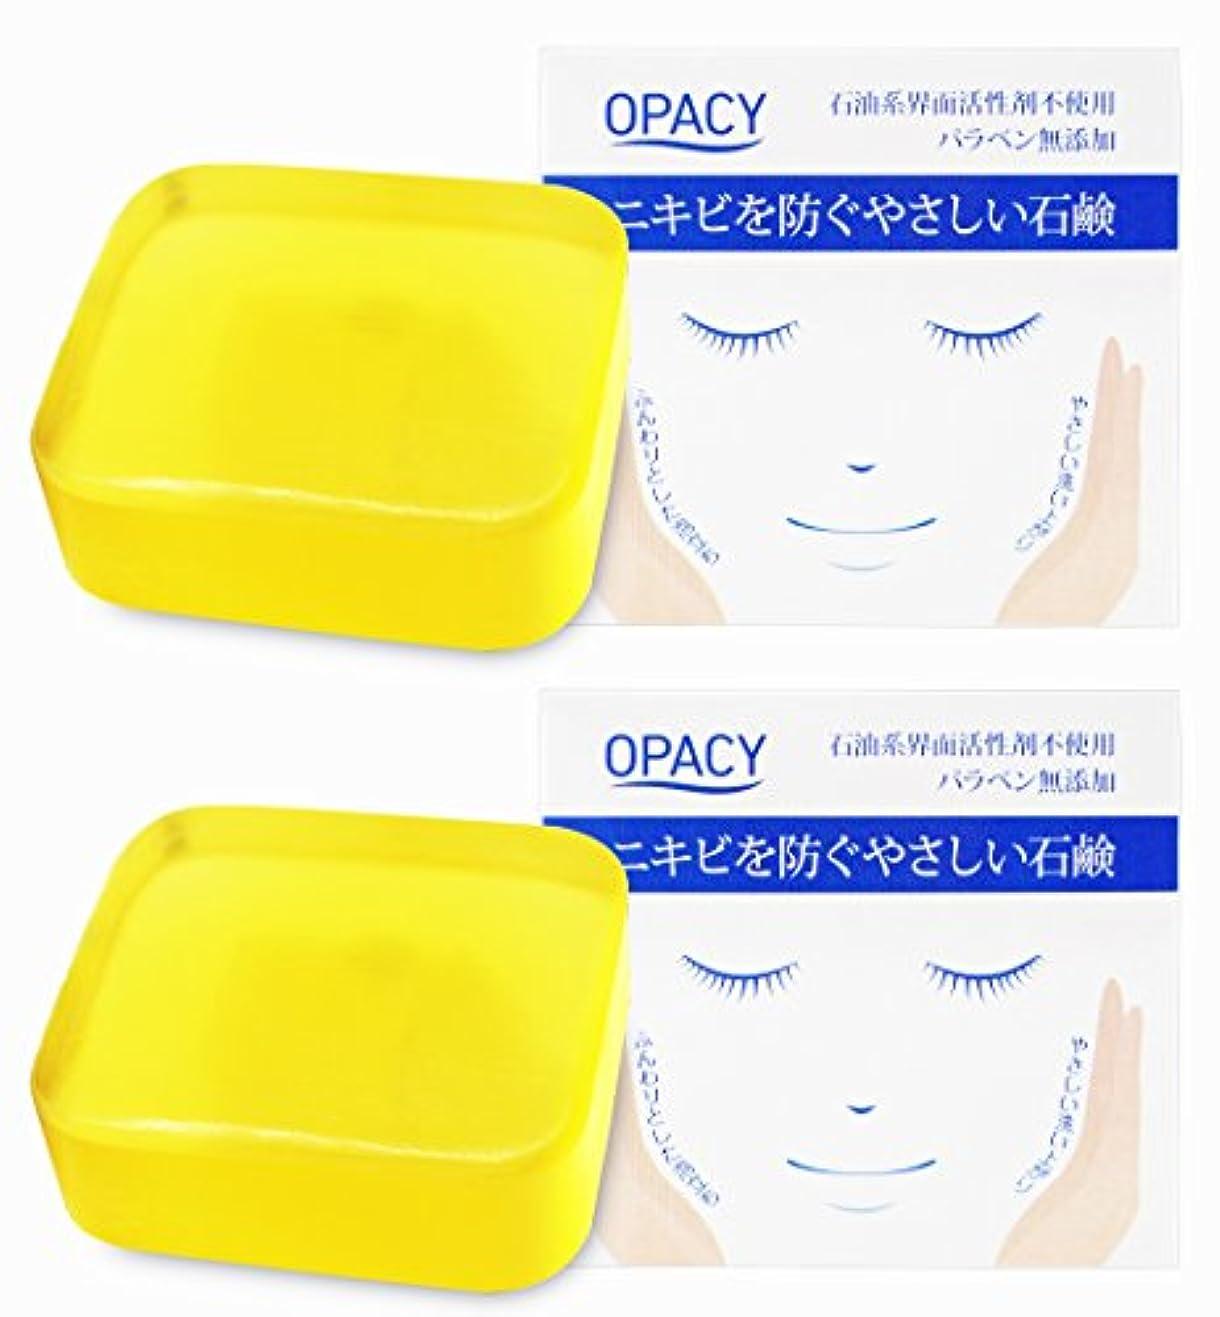 匿名乳剤ポルティコ【2個セット】オパシー石鹸100g (2個)